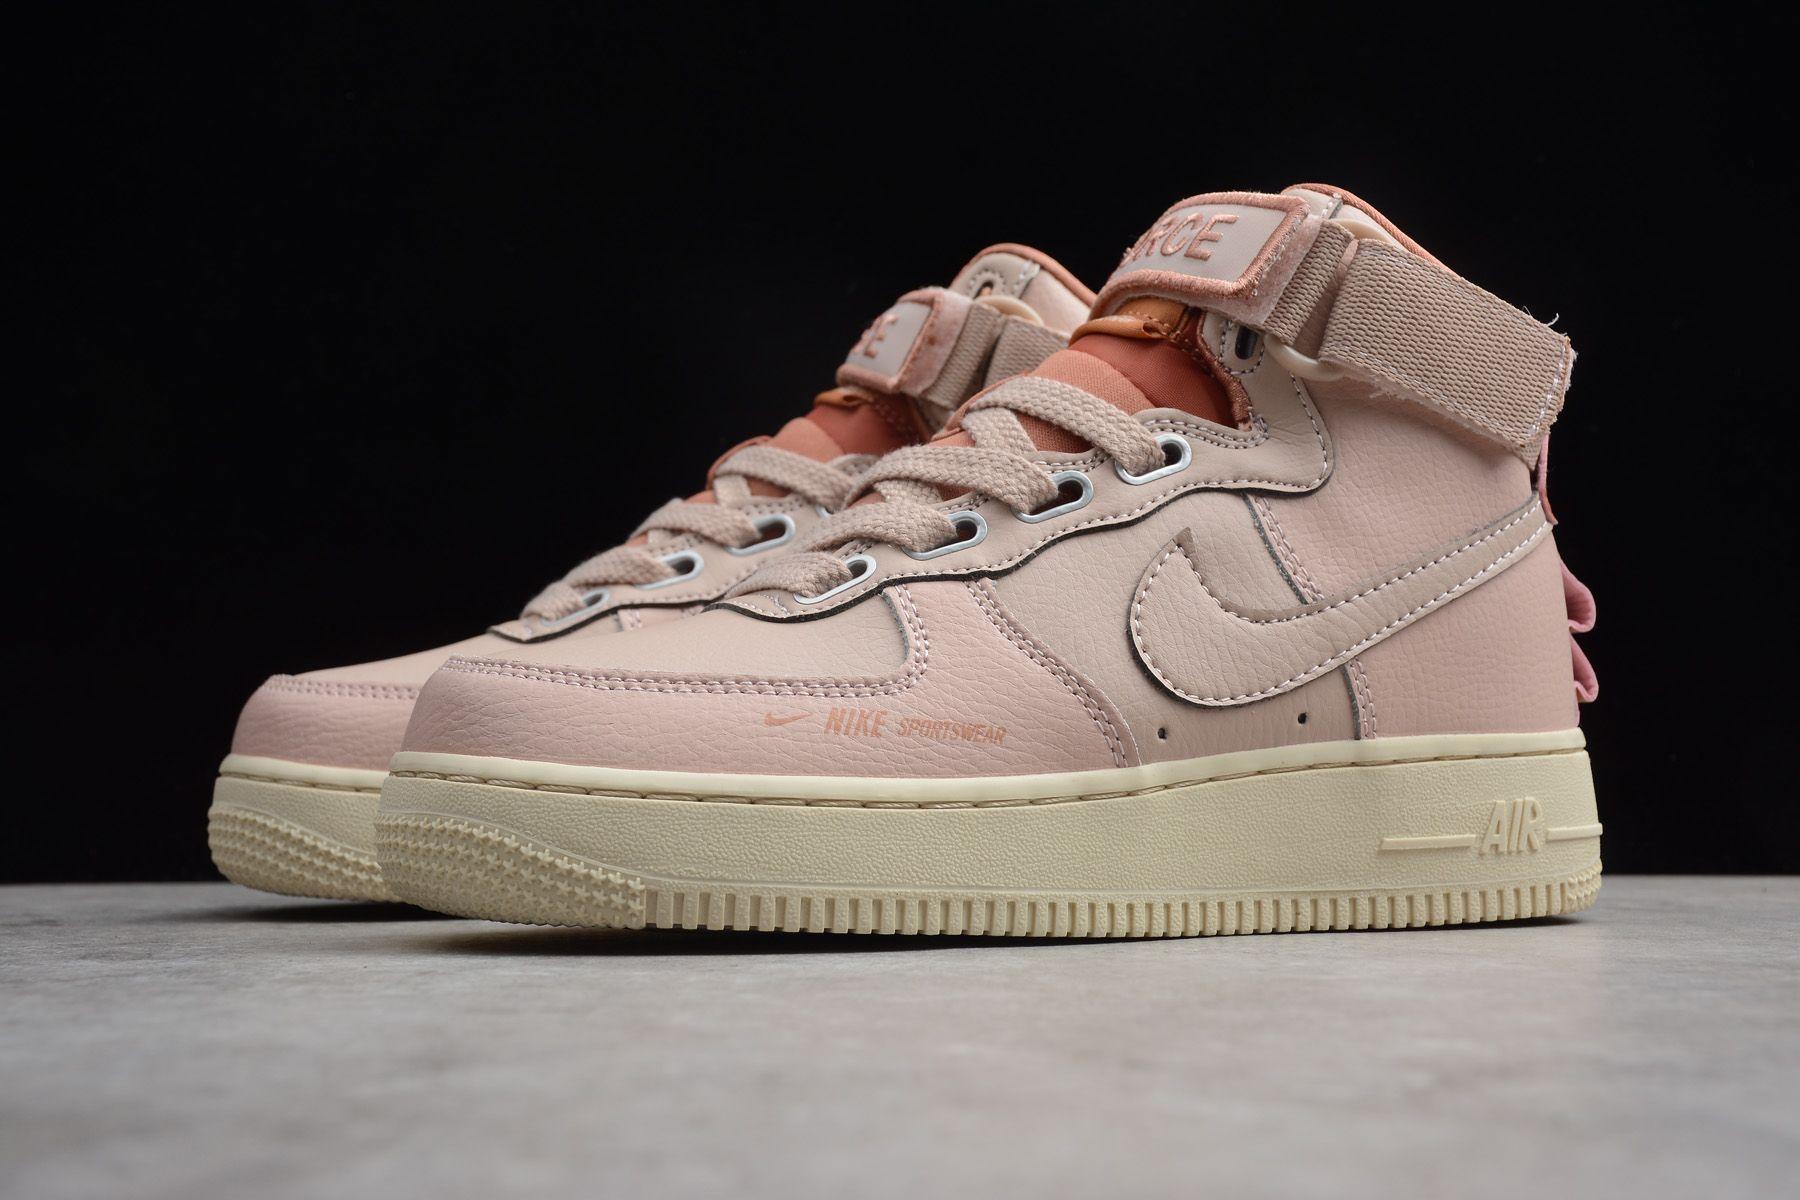 Women S Nike Air Force 1 High Utility Particle Beige Terra Blush Lt Cream Aj7311 200 Nike Air Nike Air Force Nike